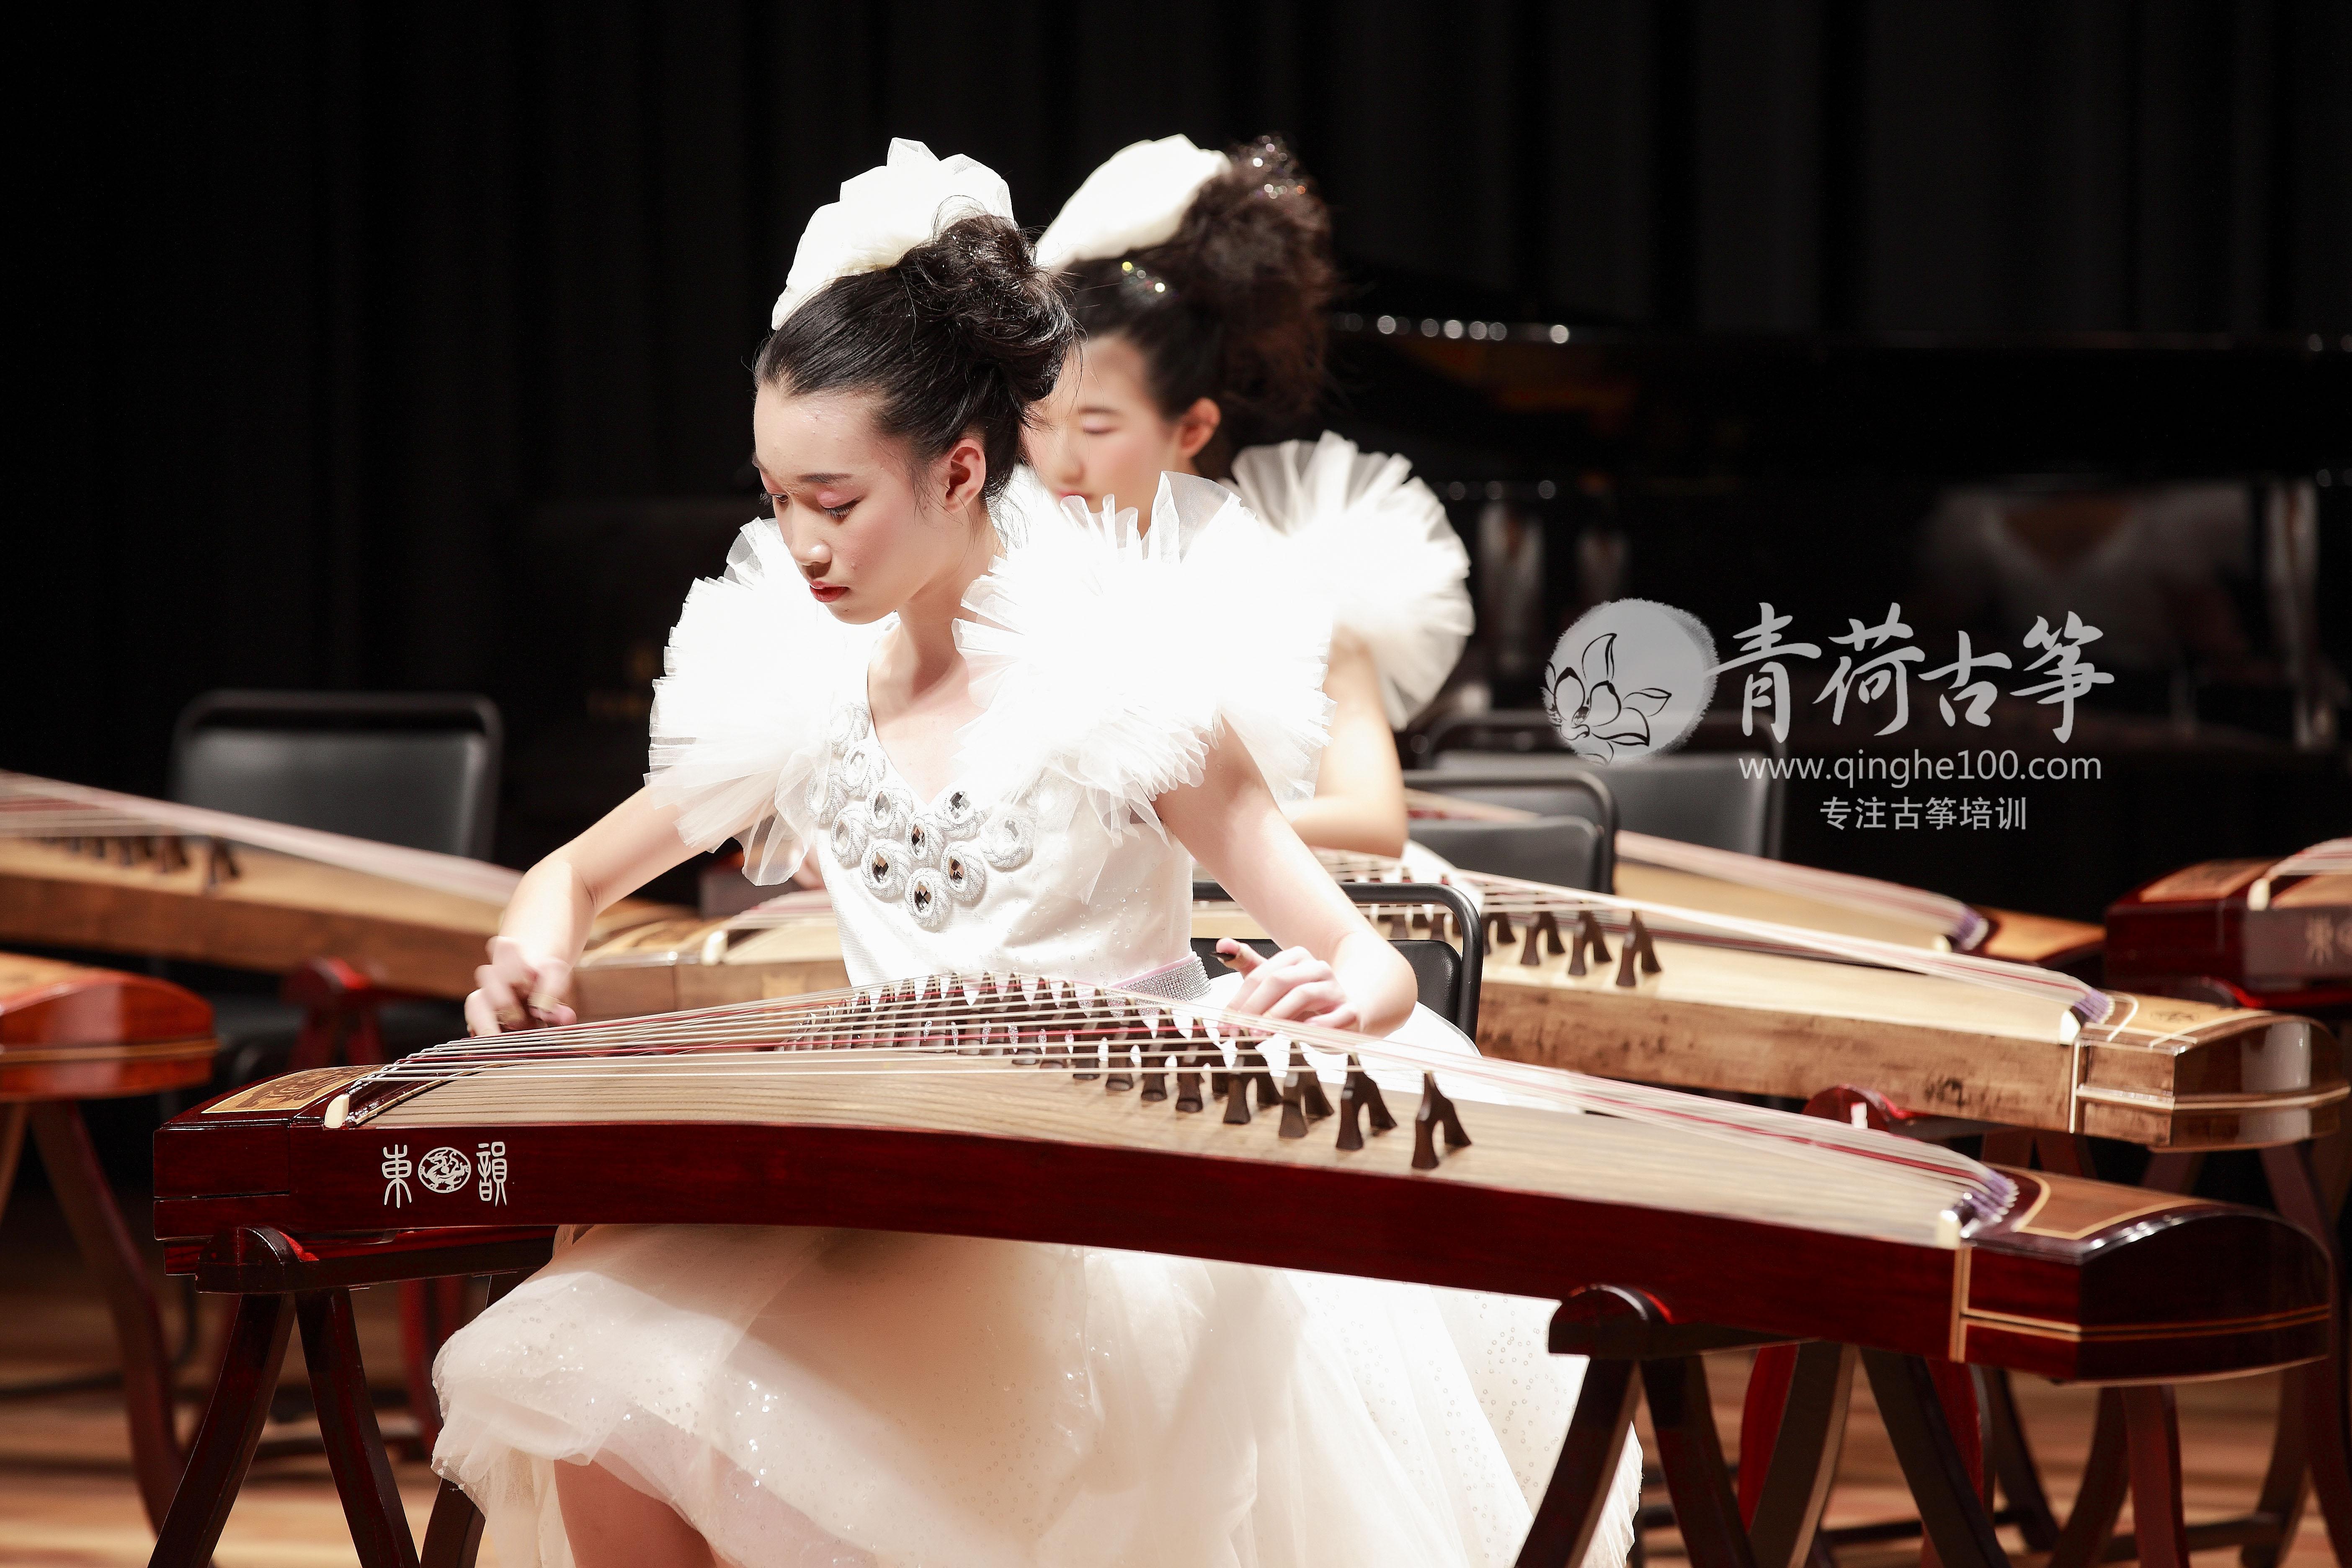 广州暑假学高中 (暑假正负培训班)火热v高中中_的古筝古筝发光二极管图片